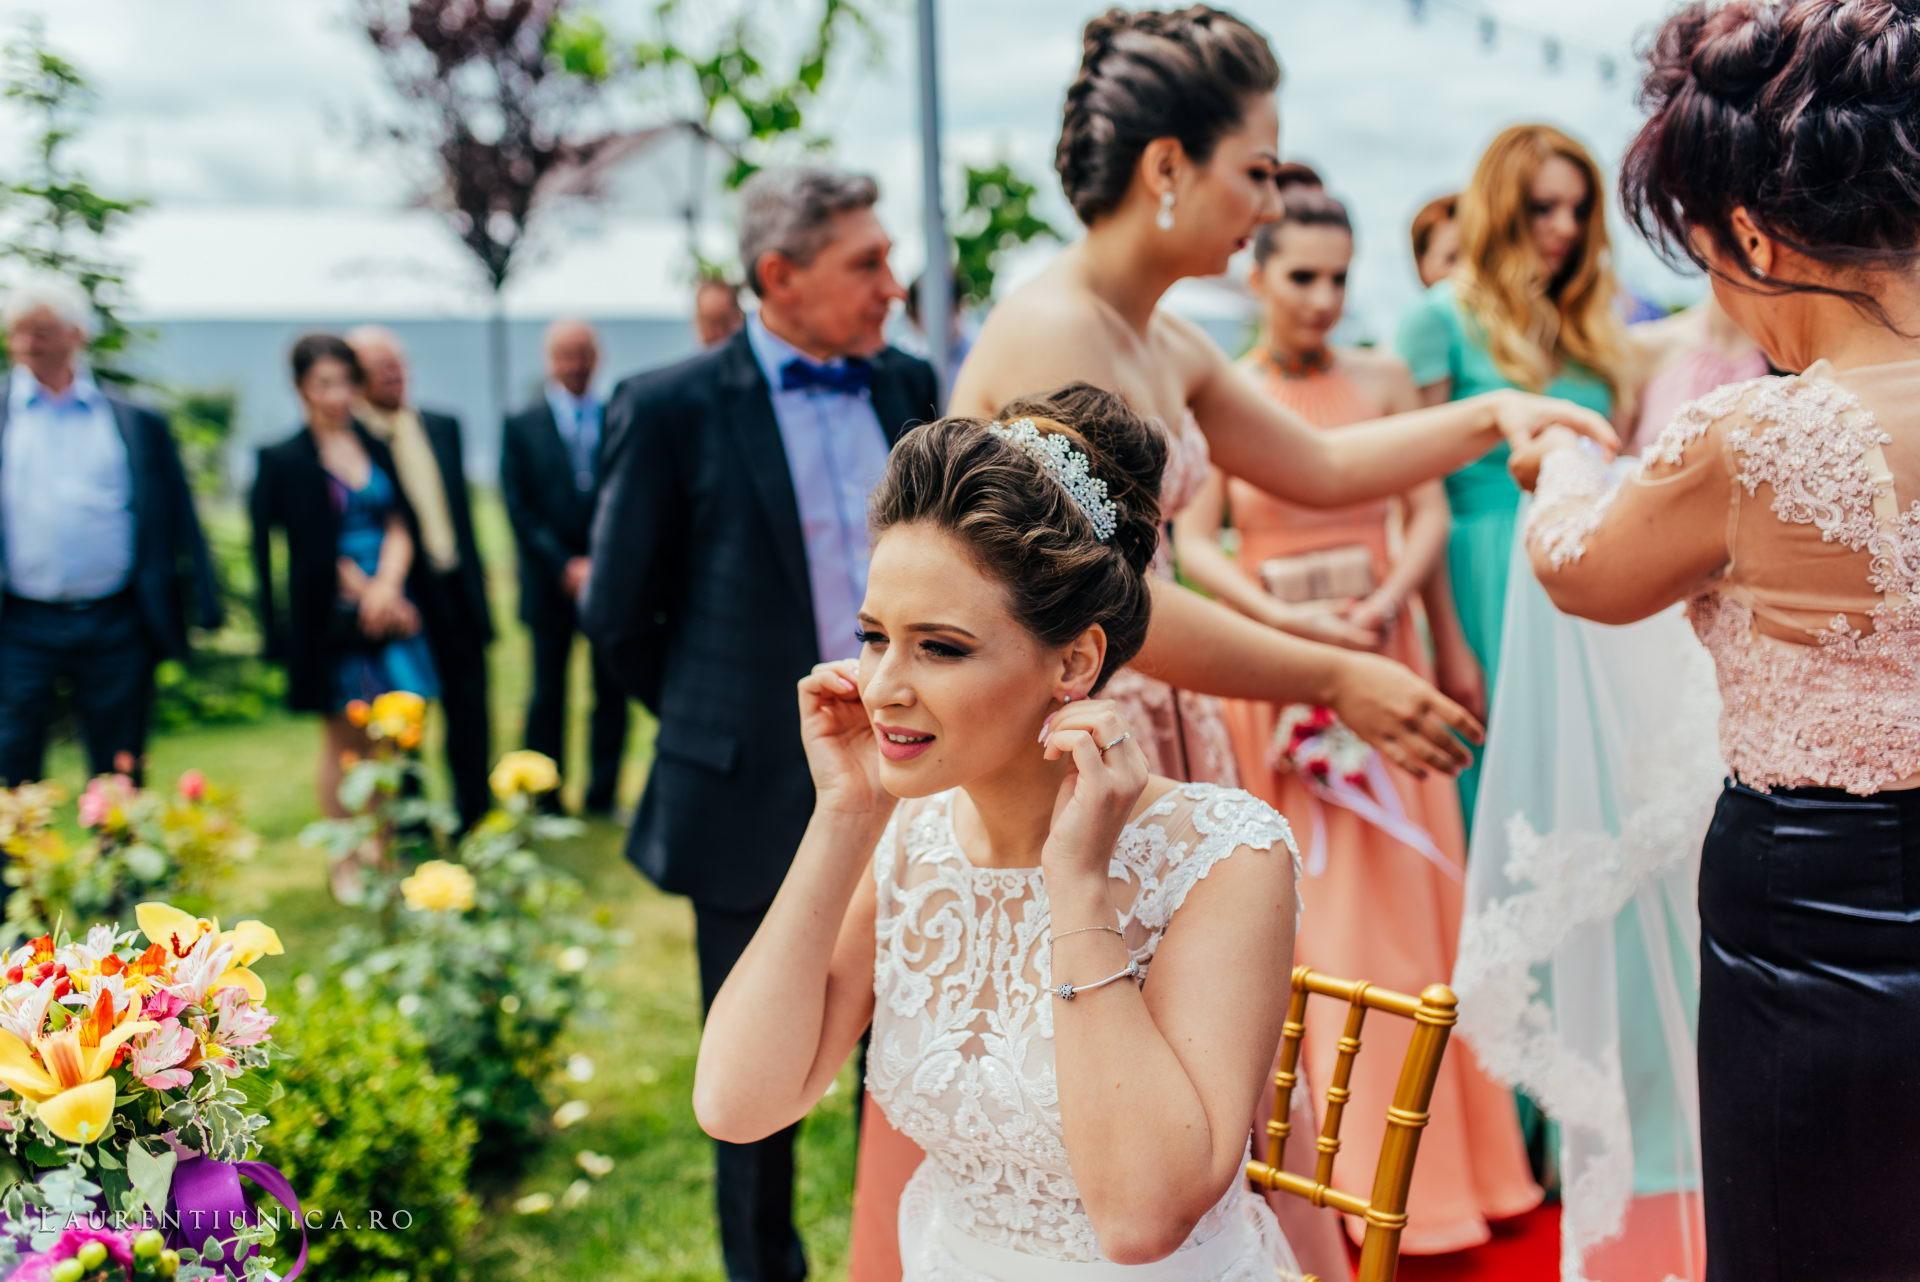 denisa si catalin fotograf nunta laurentiu nica craiova 27 - Denisa si Catalin | Fotografii nunta | Craiova